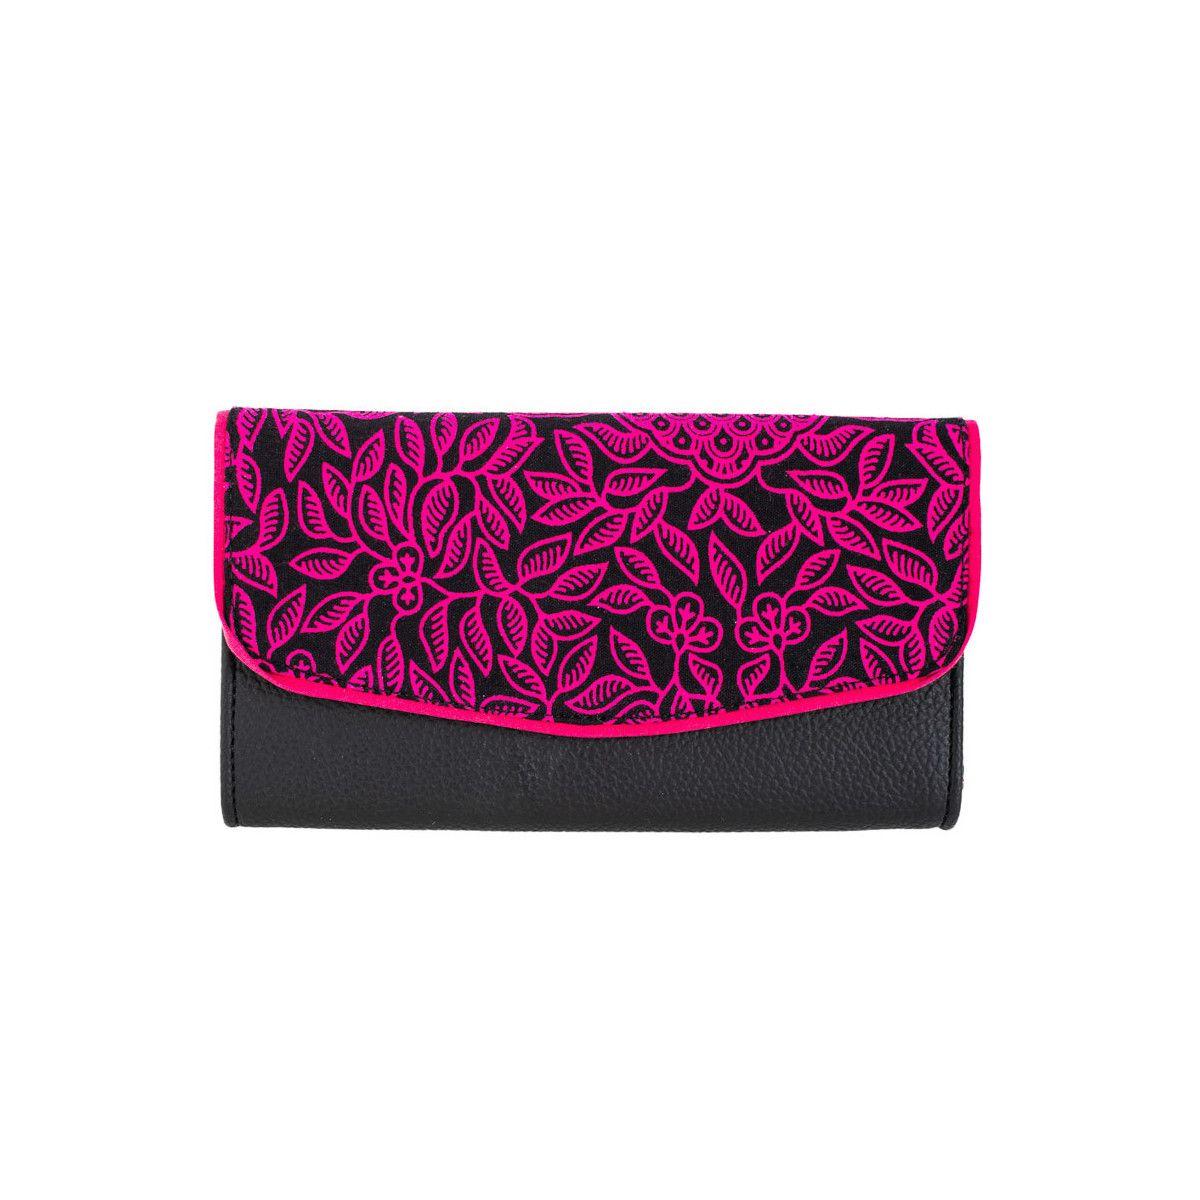 Portefeuille coton noir et rose